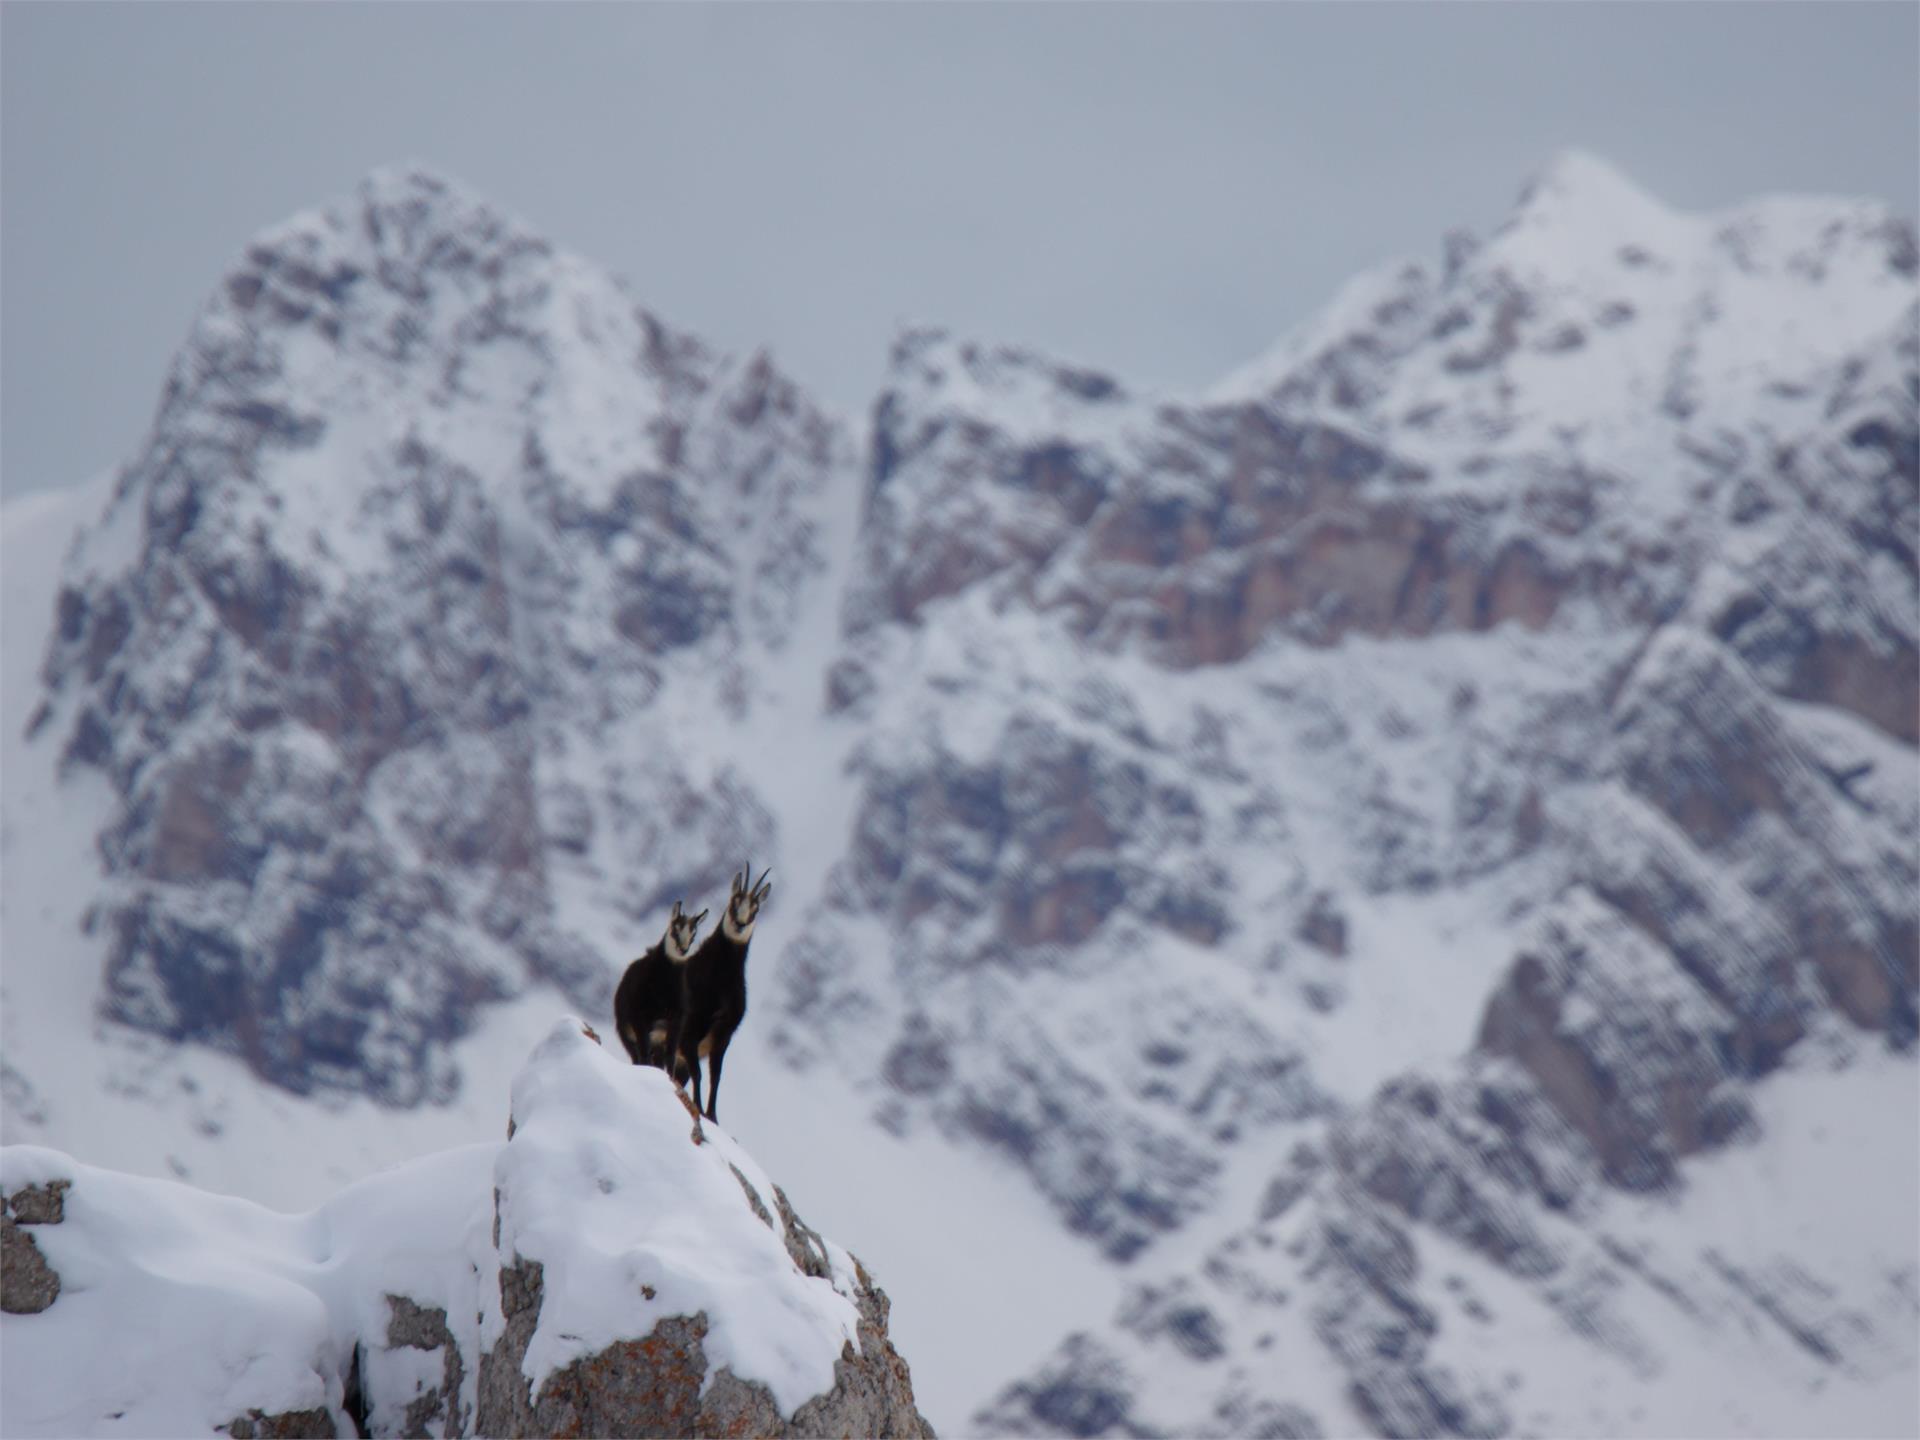 Dolomiti Ranger - Wildbeobachtung im Schnee